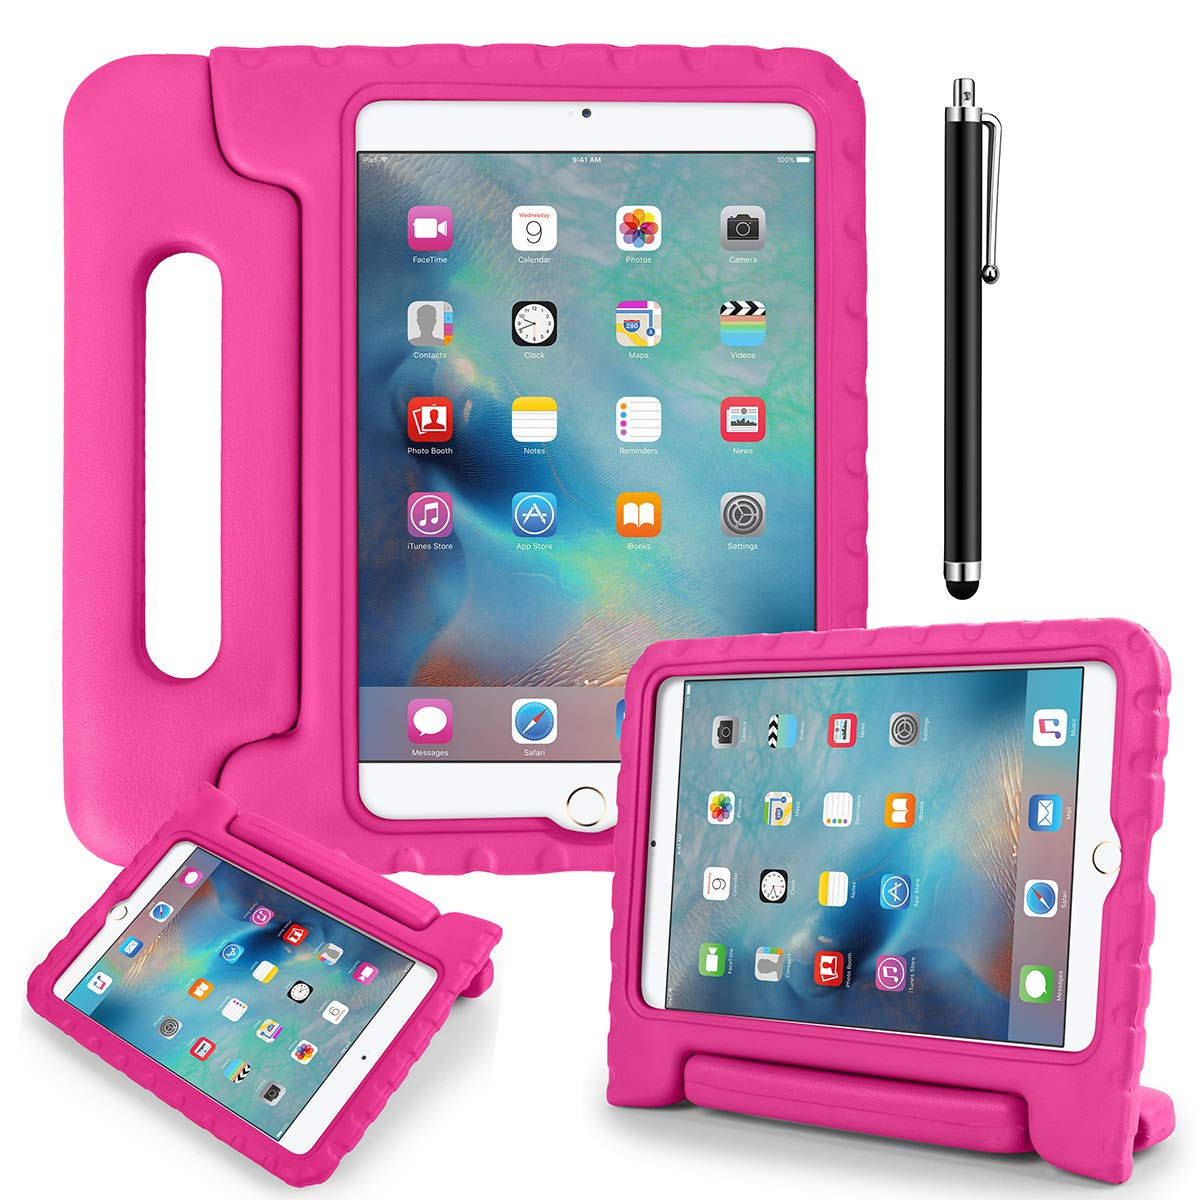 流行 AICase iPad Mini 4ケース B07L93RJR9 - onecase 子供用 耐衝撃 コンバーチブルハンドル 軽量 軽量 超保護スタンドカバーケース Apple iPad Mini 4用 ピンク onecase ホットピンク B07L93RJR9, デサント公式オンラインショップ:1f8d31fa --- a0267596.xsph.ru